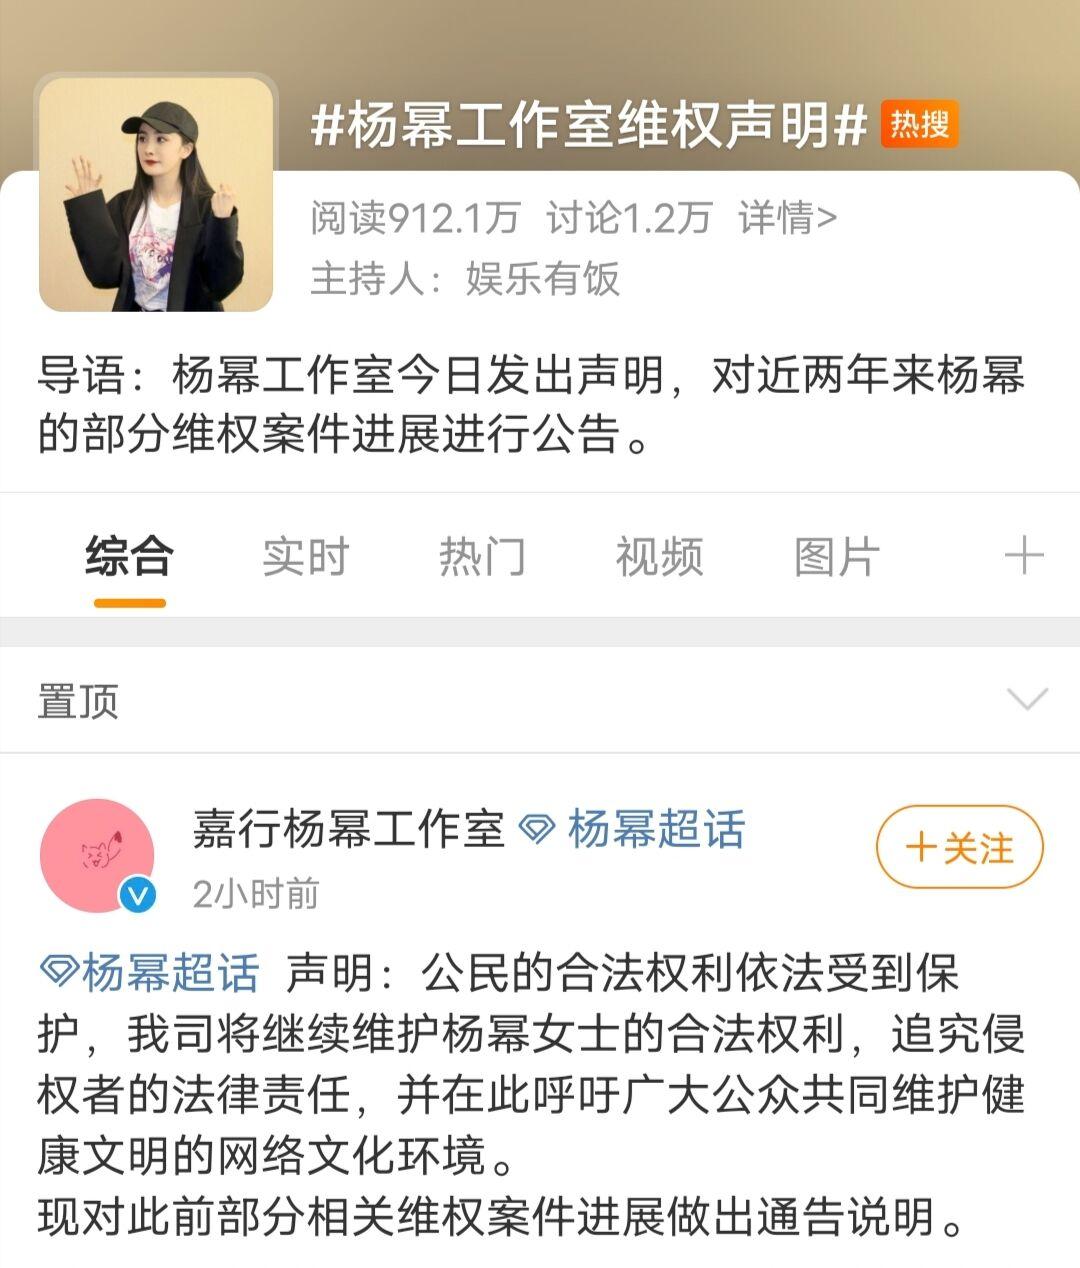 杨幂工作室发维权声明,谣言止于法,而不止于智者